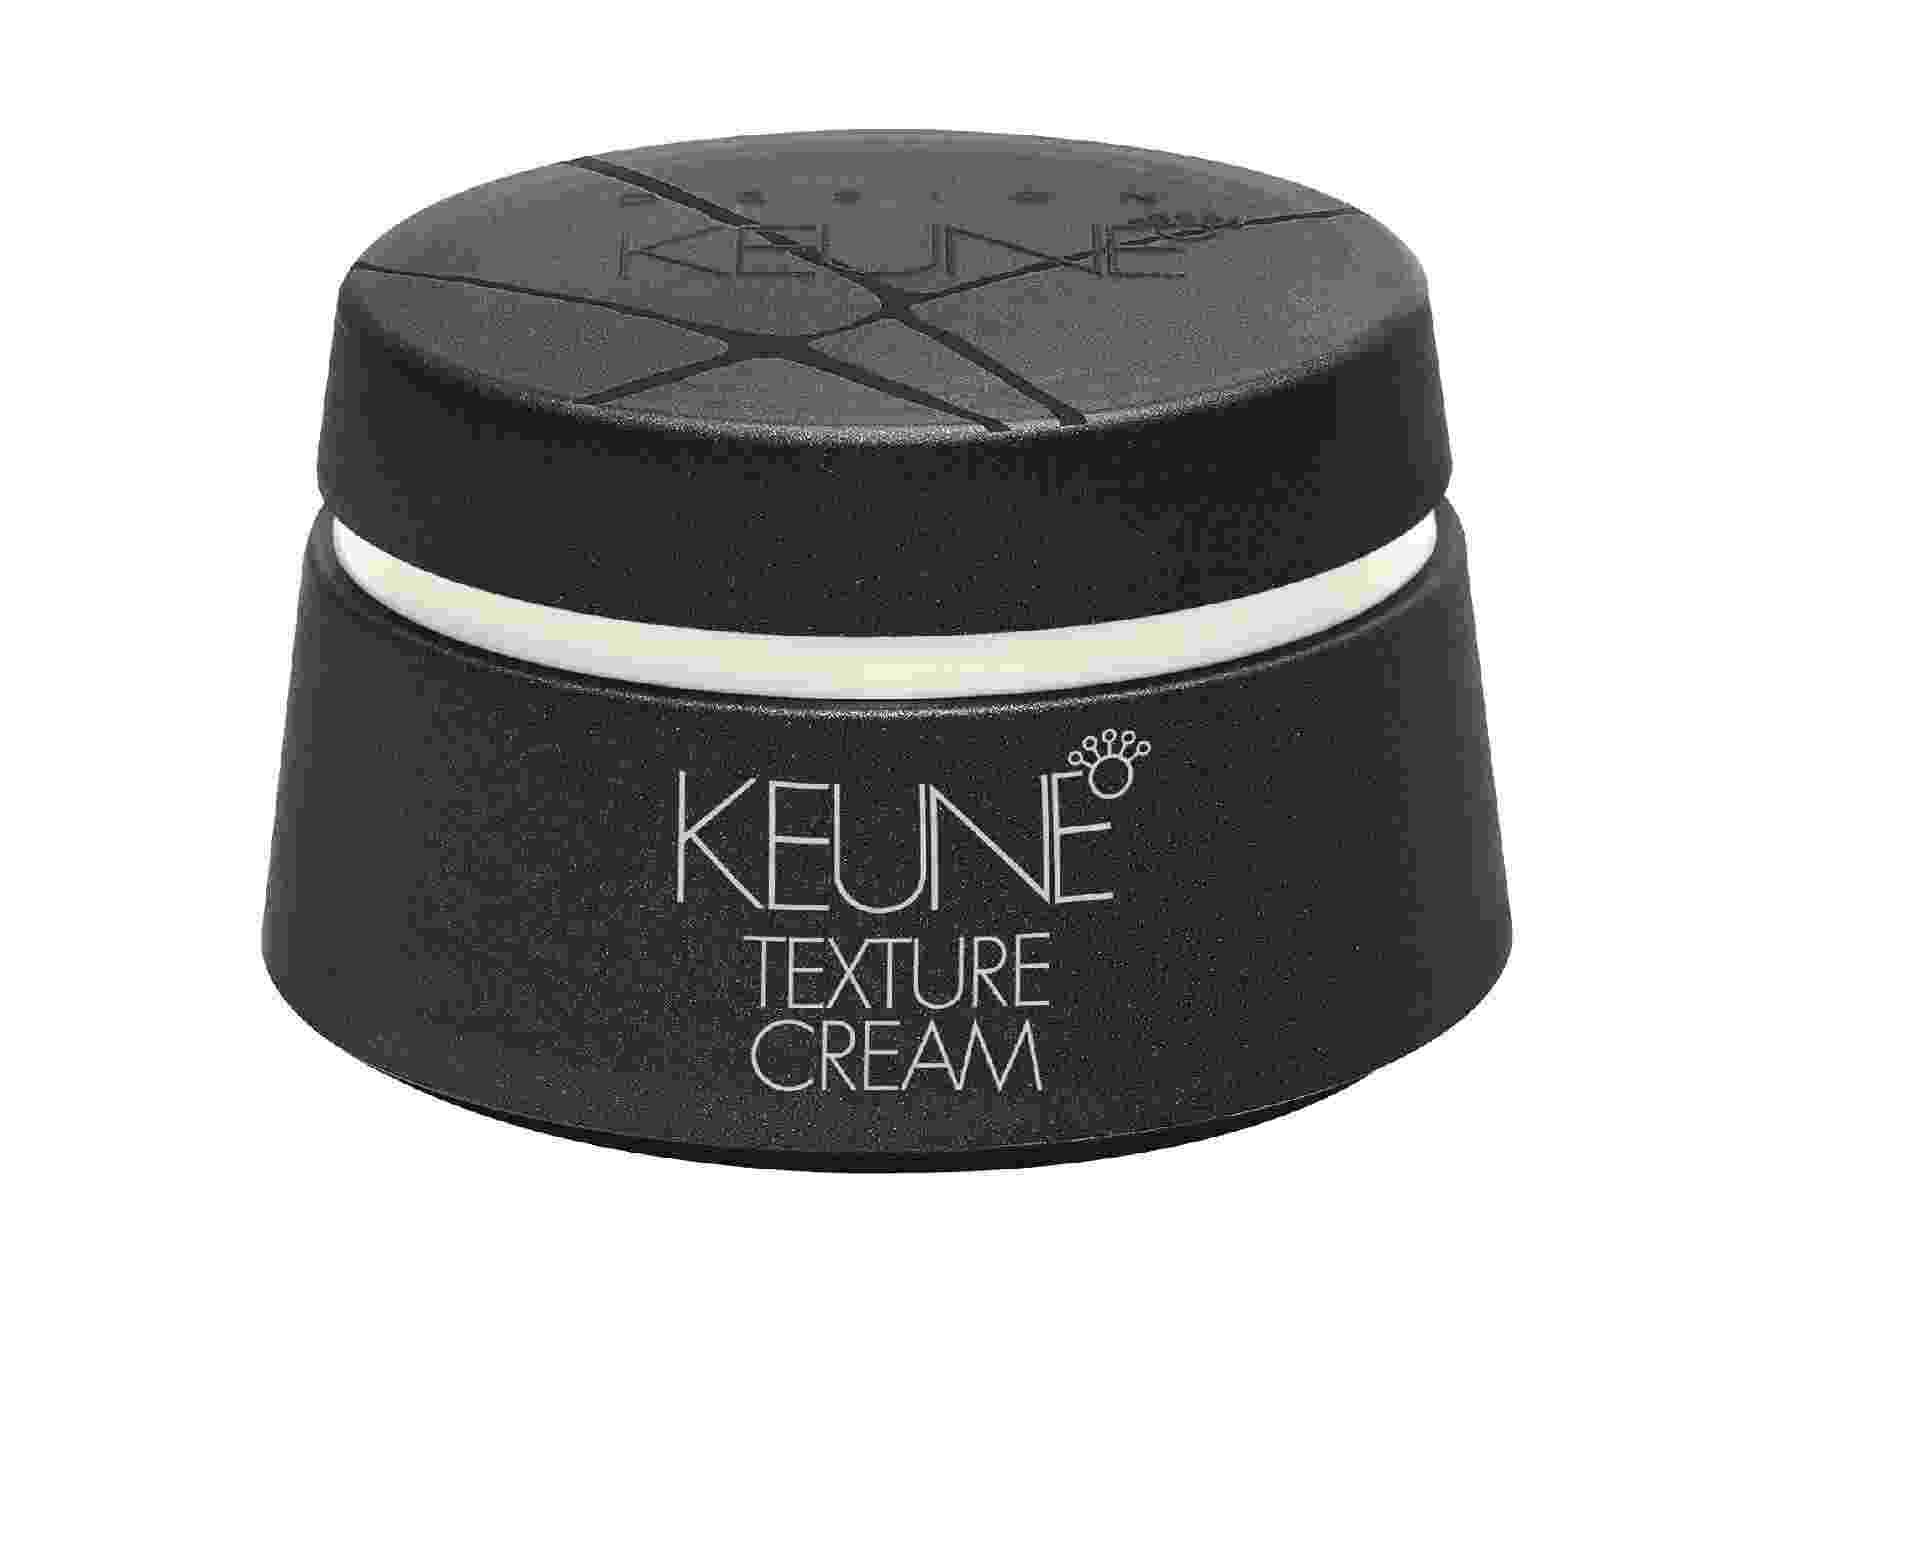 Texture Cream, da Keune, R$133,90, www.keune.com.br - Divulgação